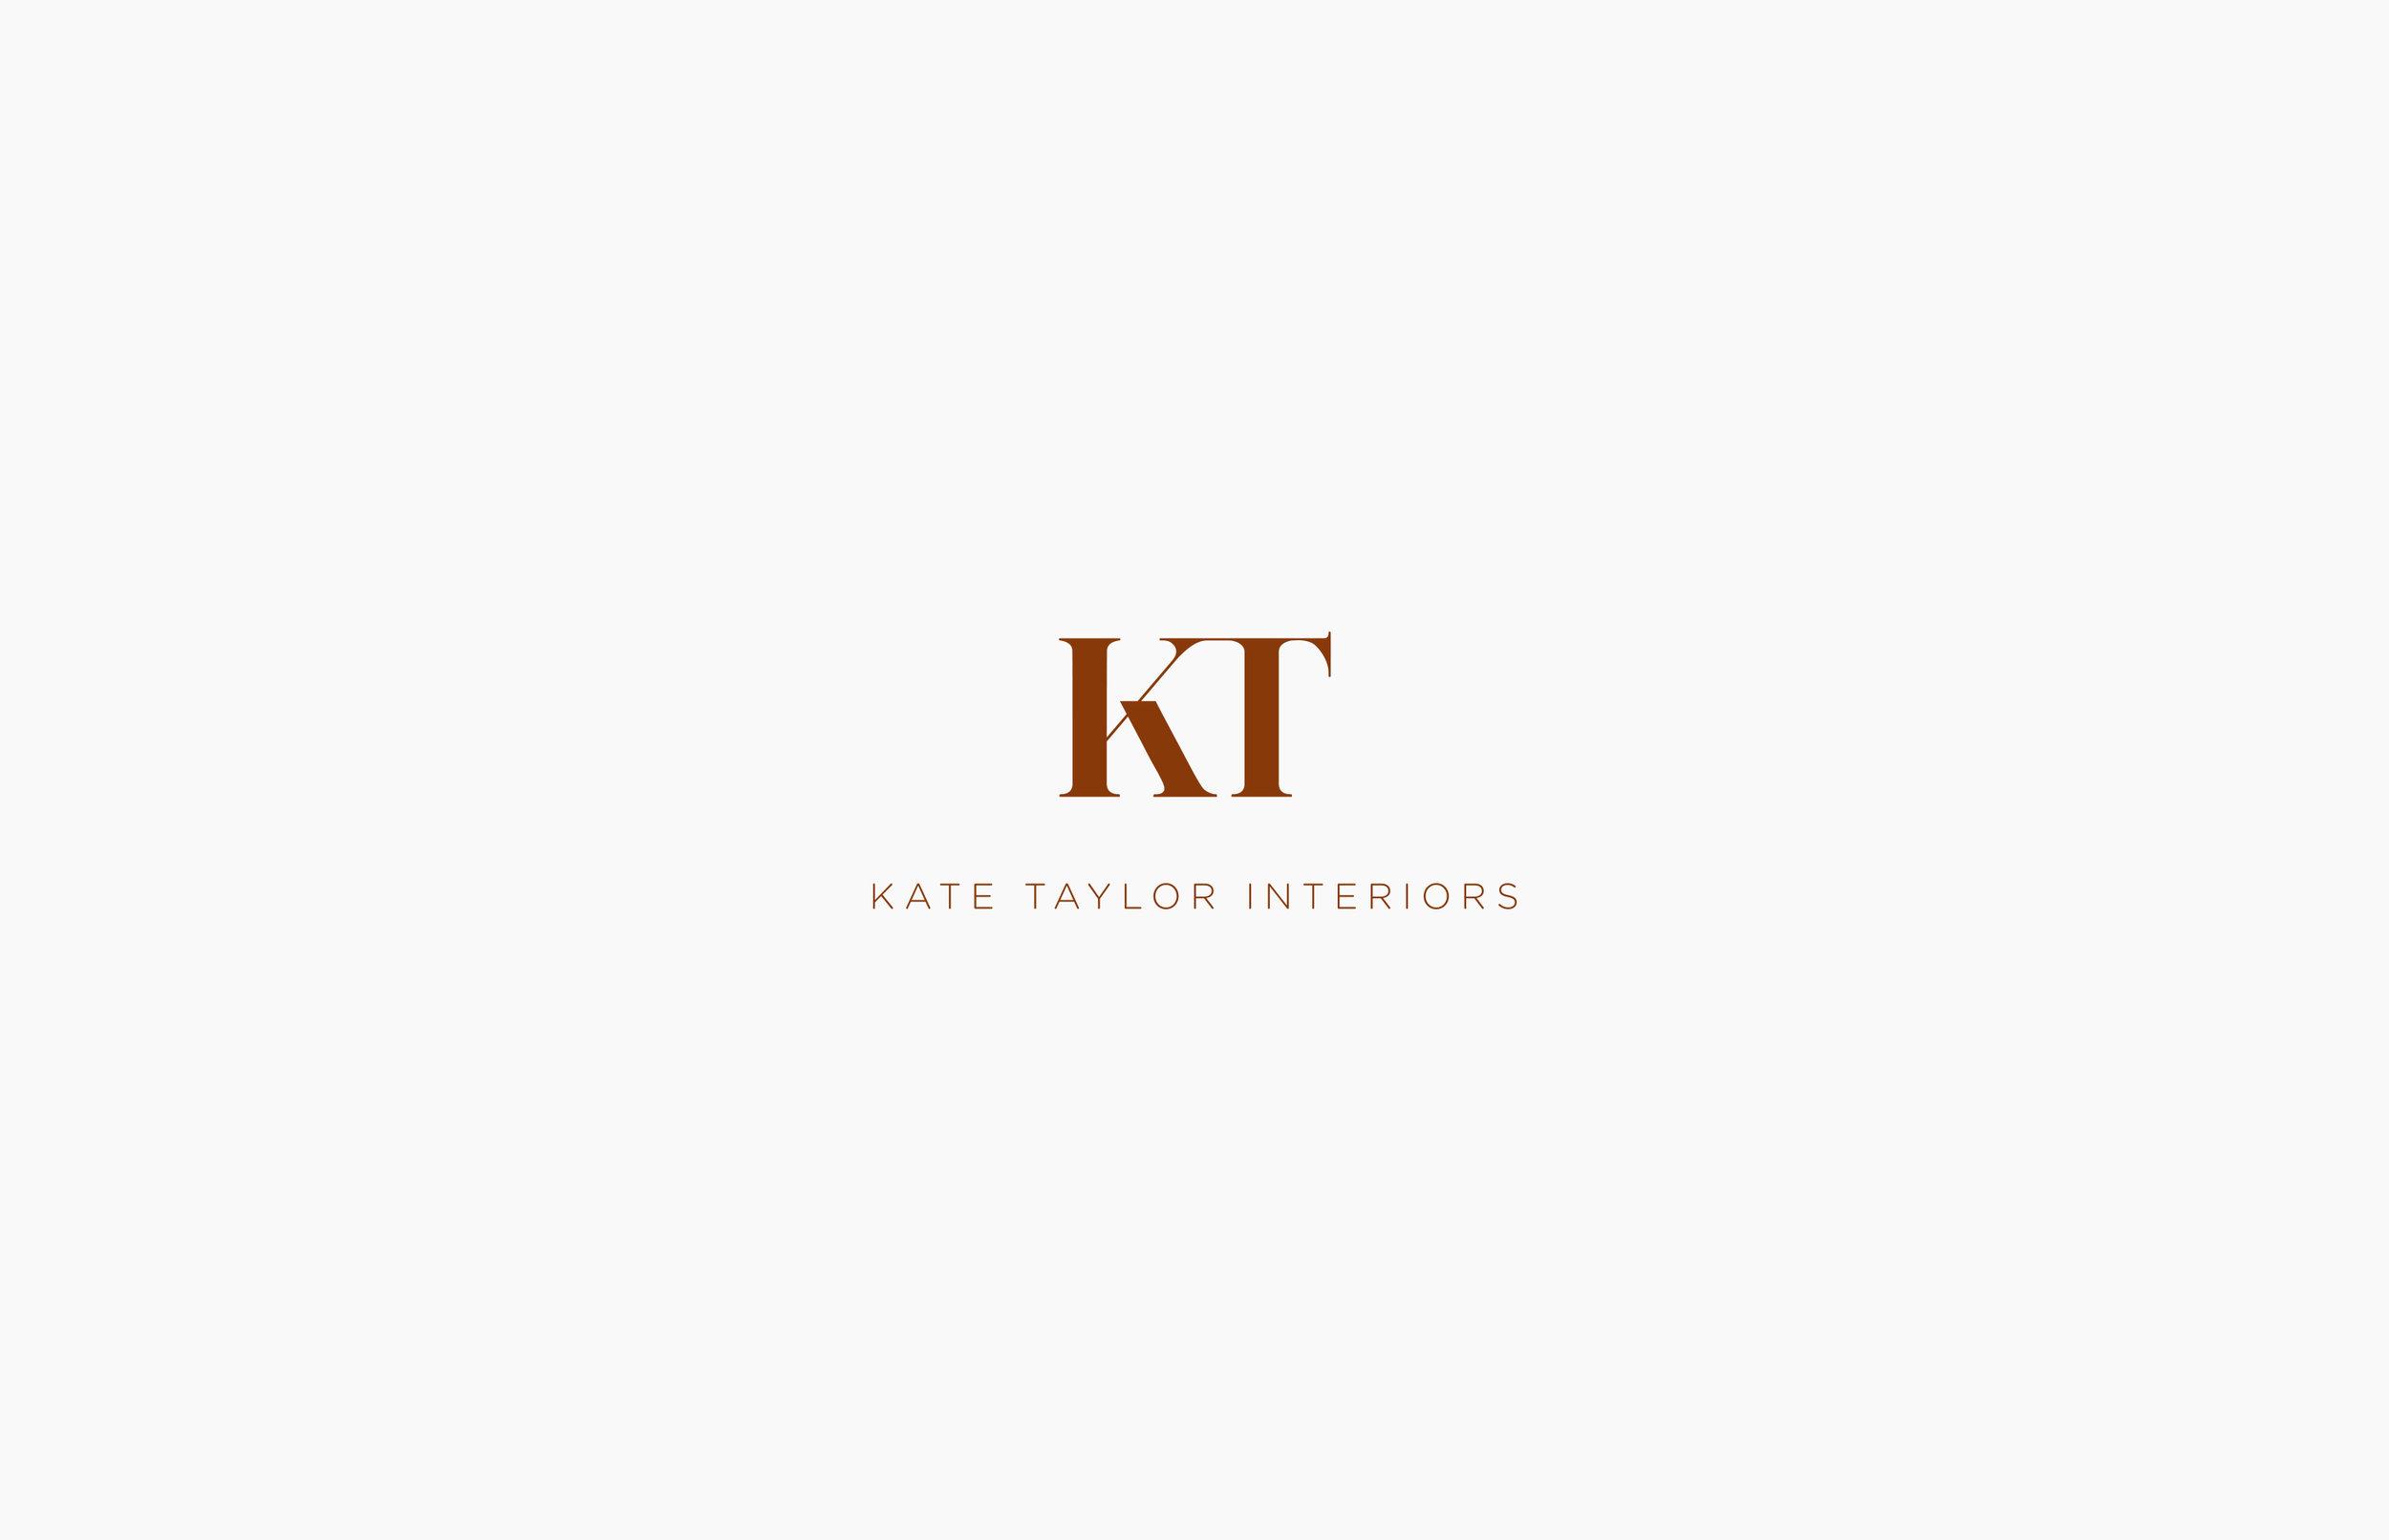 KTI_Branding.jpg